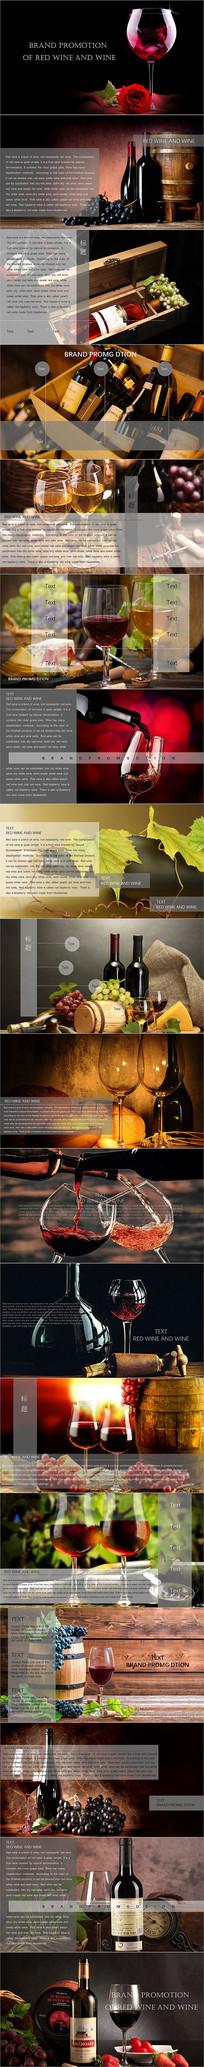 大气红酒产品介绍PPT模板